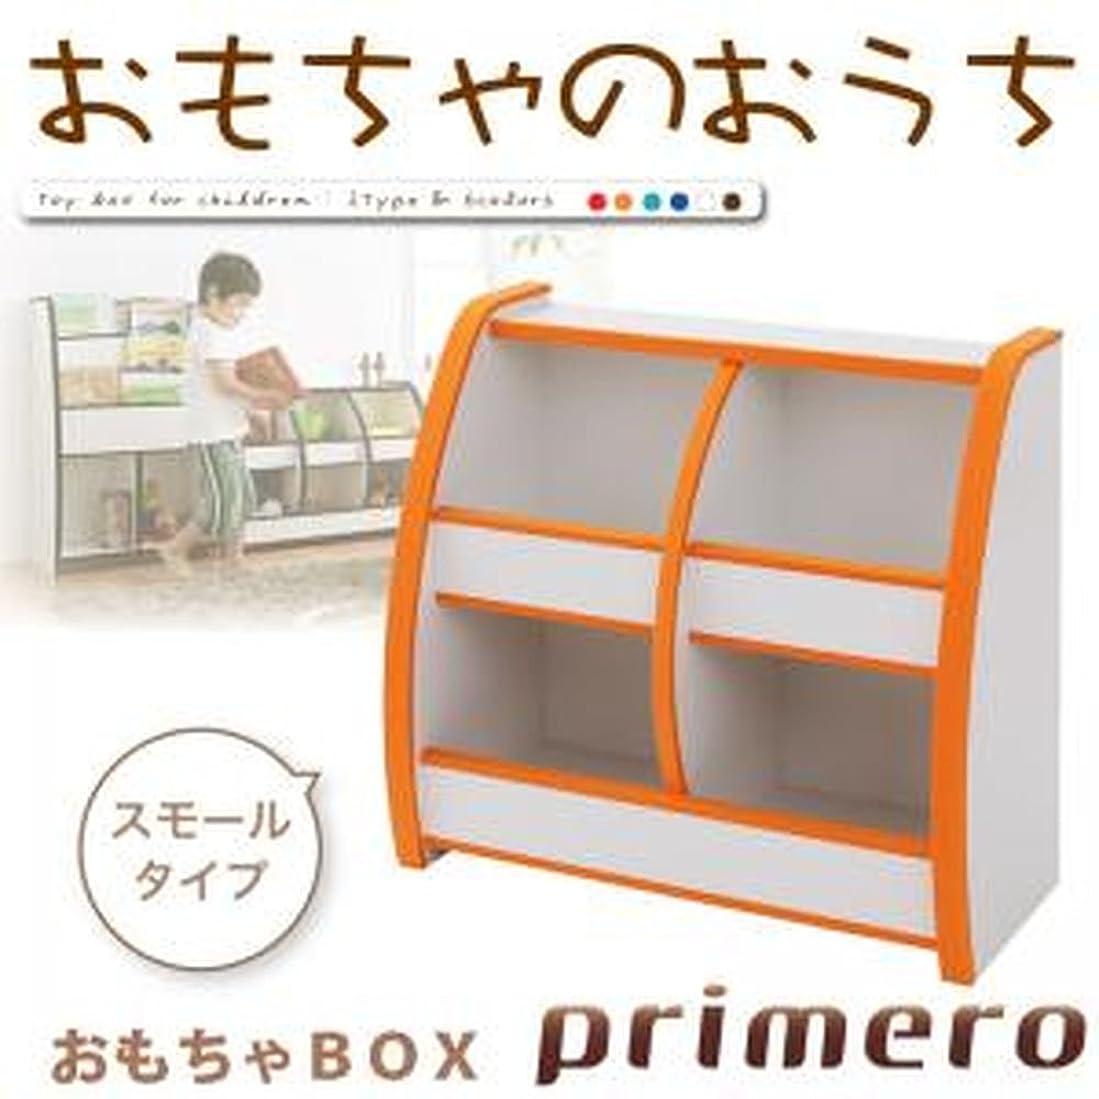 ソフト素材キッズファニチャーシリーズ おもちゃBOX【primero】 スモールタイプ レッド